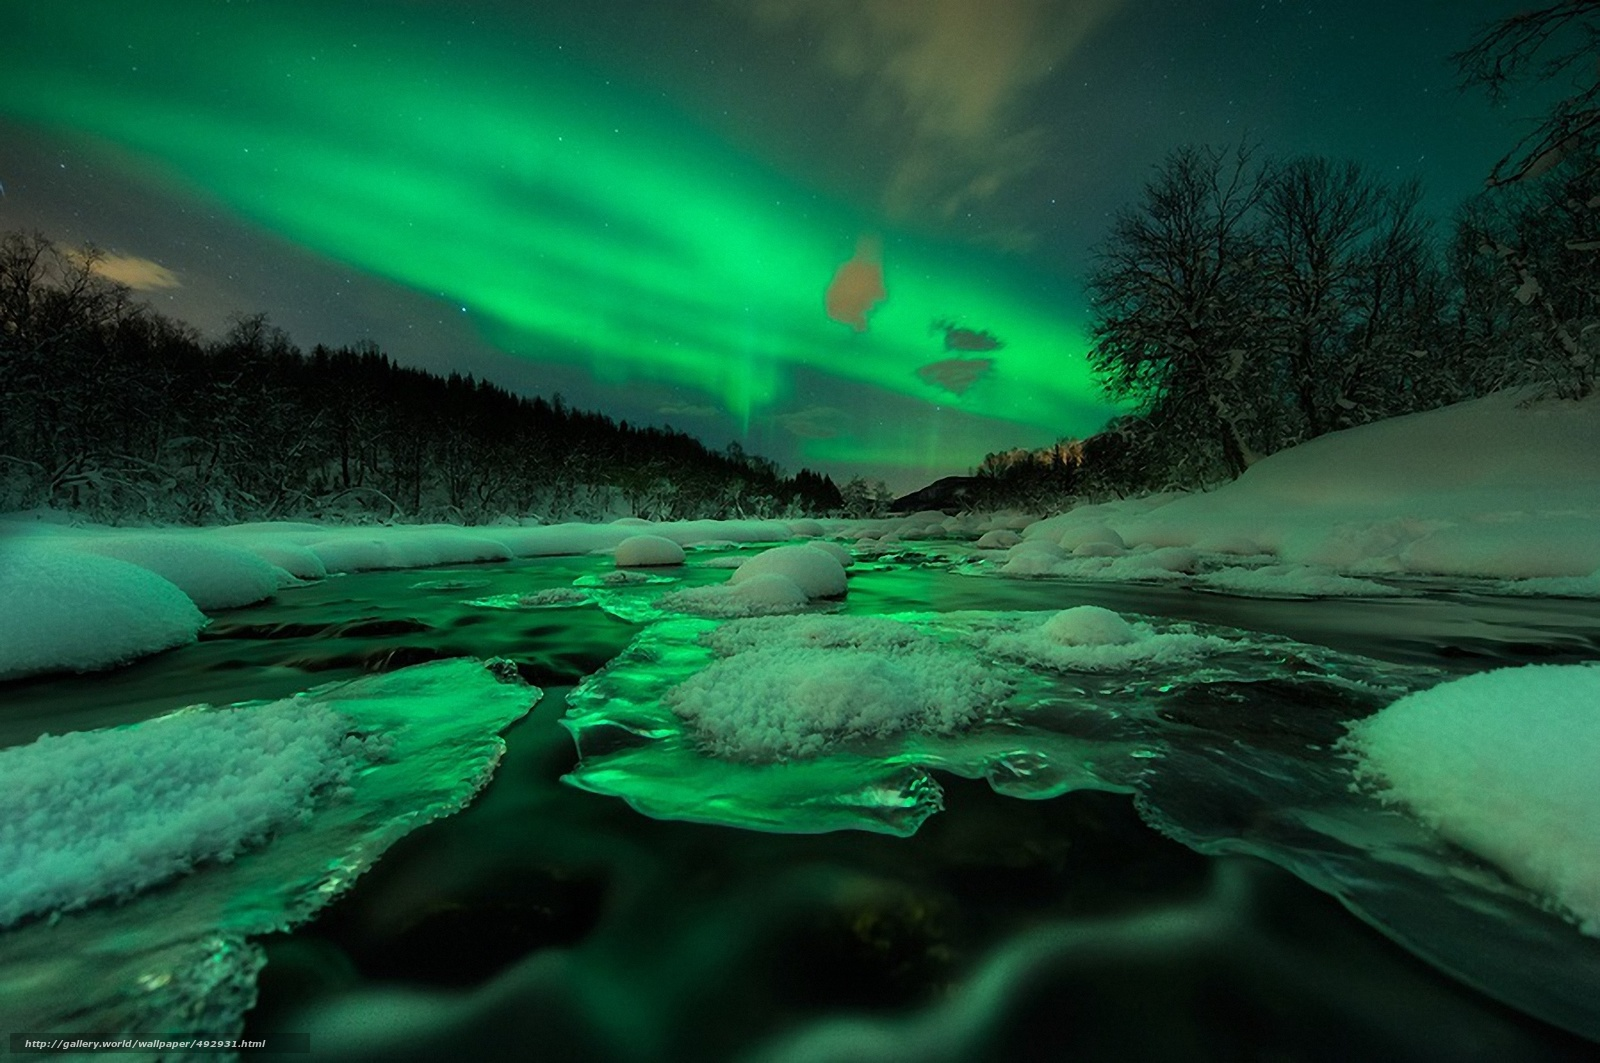 Scaricare gli sfondi fiume ghiaccio neve aurora boreale for Sfondi desktop aurora boreale